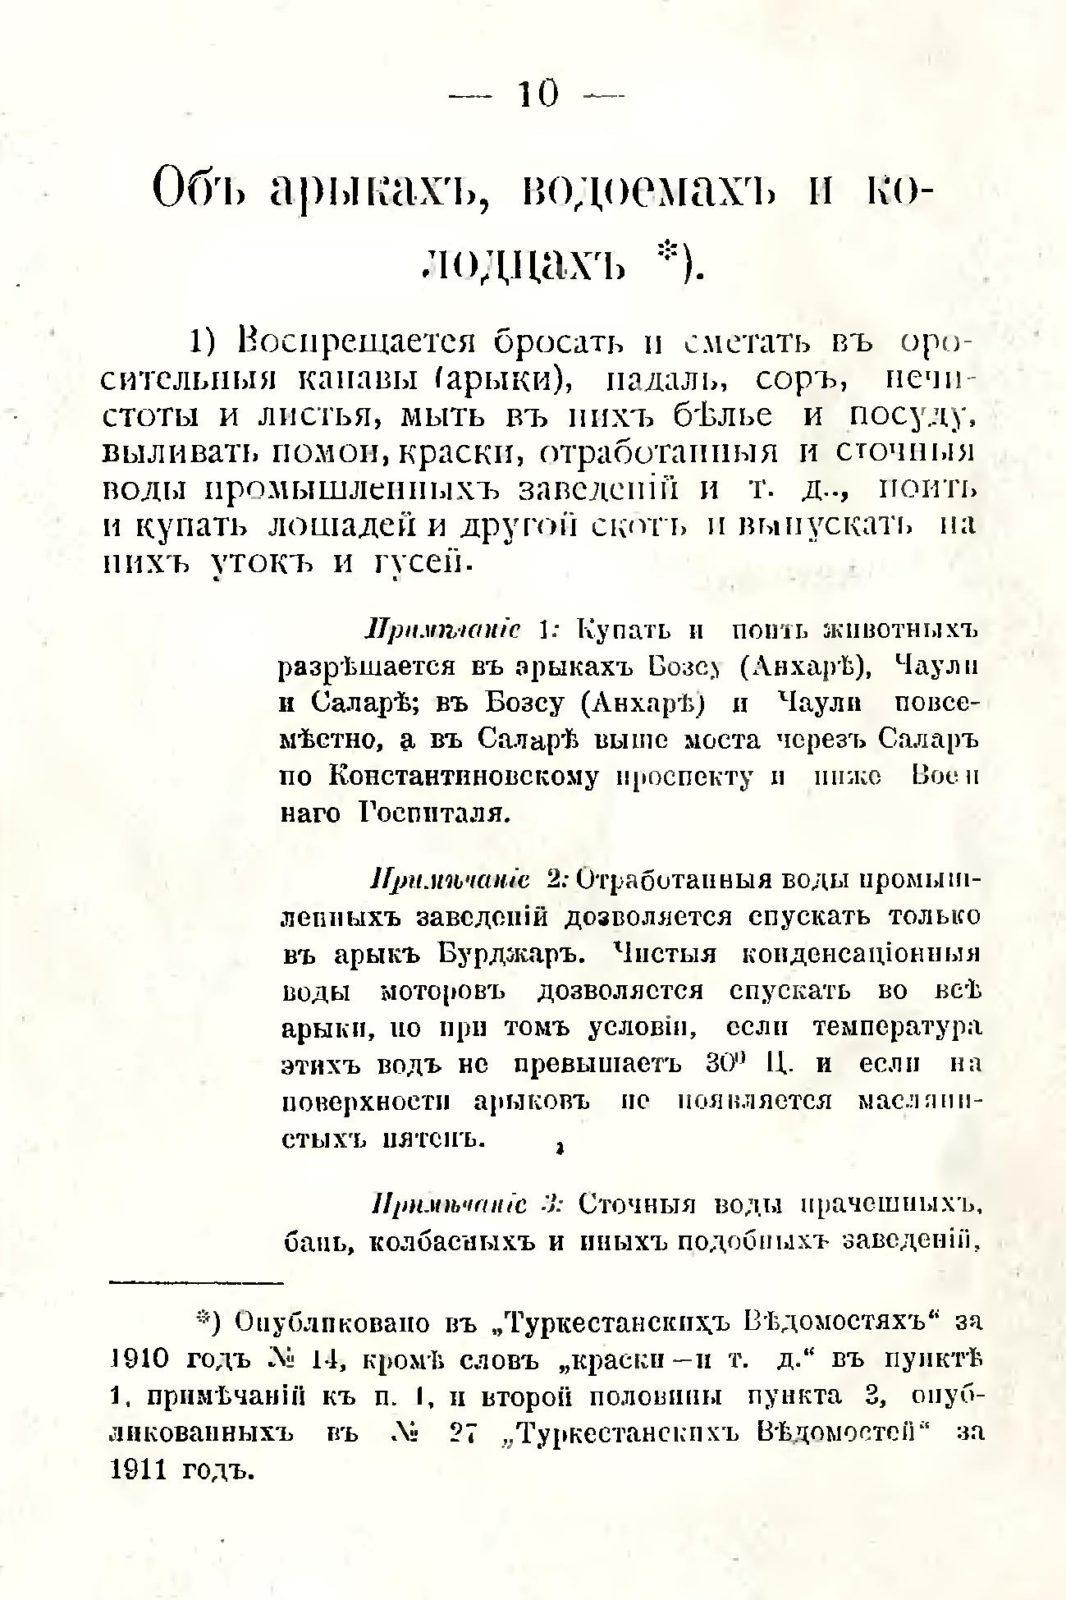 sbornik_obyazatelnyh_postanovlenii_tashkentskoi_gorodskoi_du_14